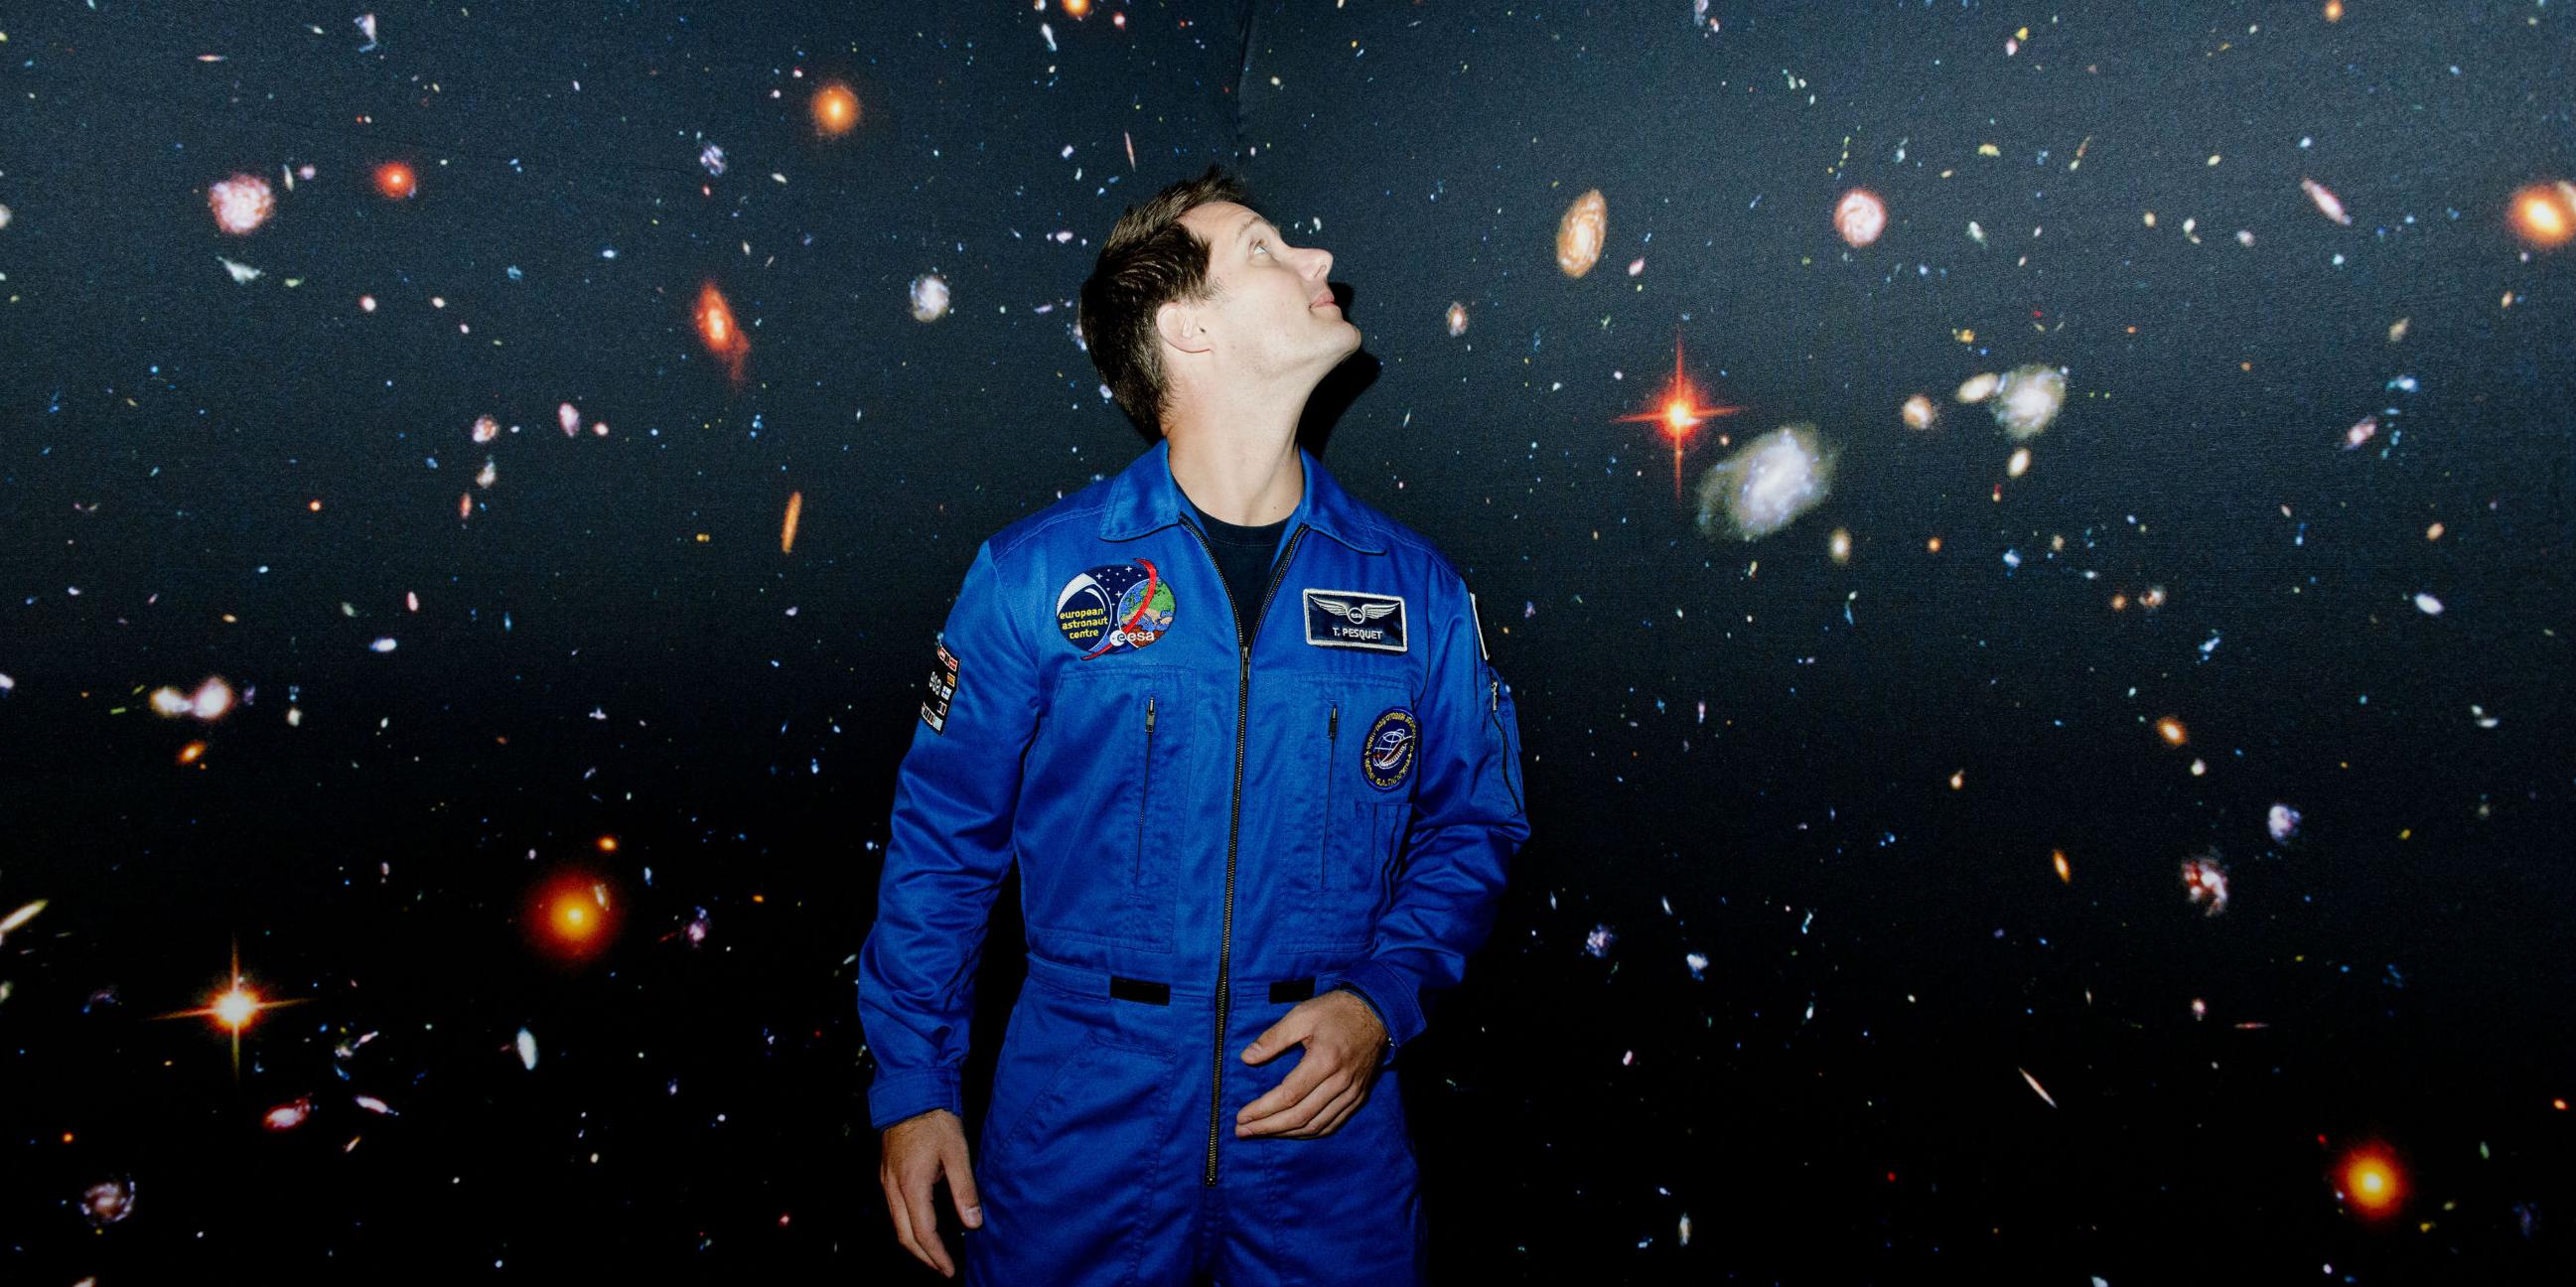 Contacter Thomas Pesquet : les réseaux sociaux  - Contacter THOMAS PESQUET   Écrire à l'astronaute #ThomasPesquet